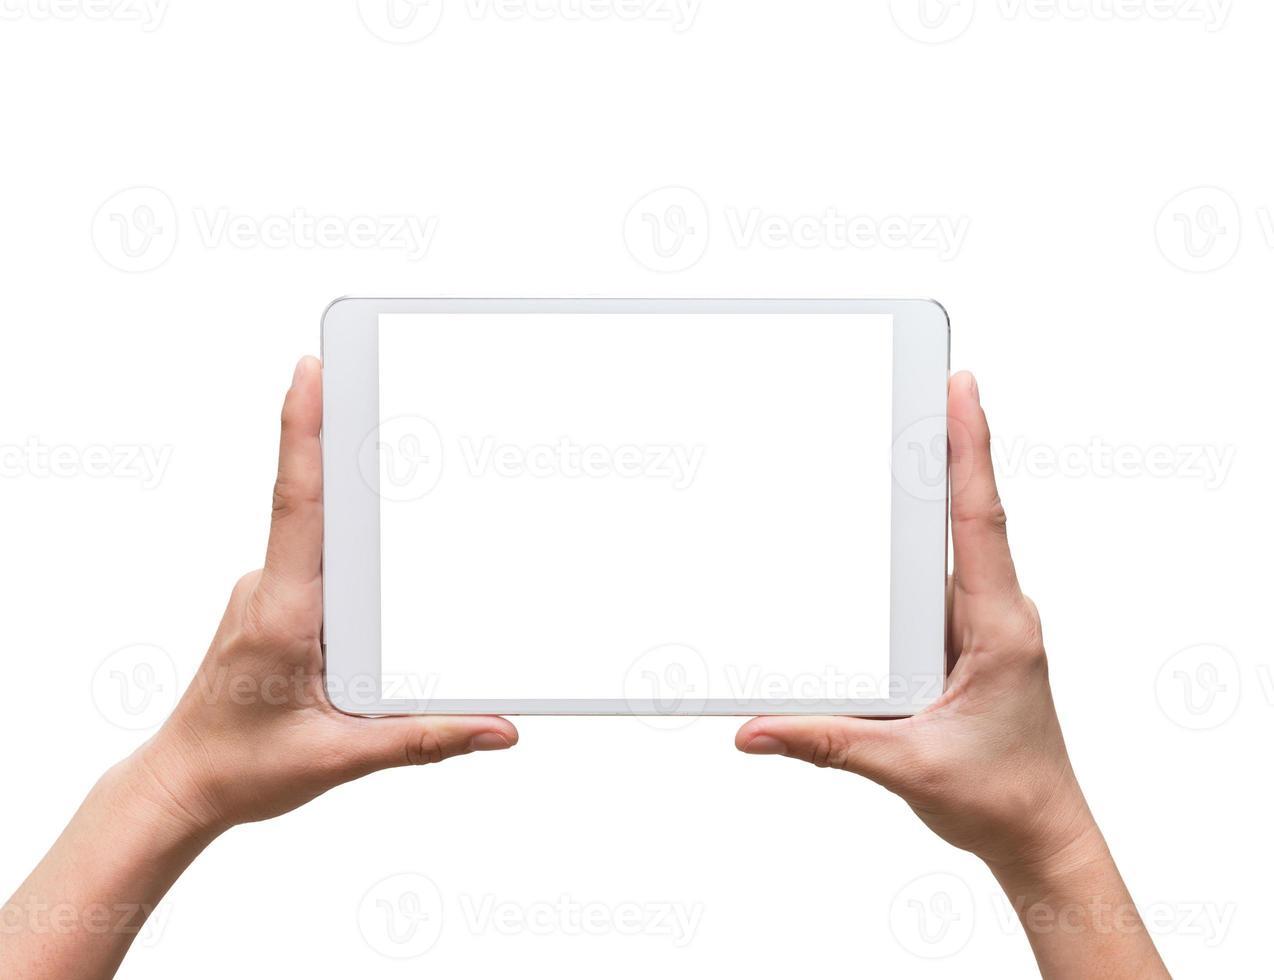 vrouwelijke handen die een tabletaanraking computergadget op wit houden foto